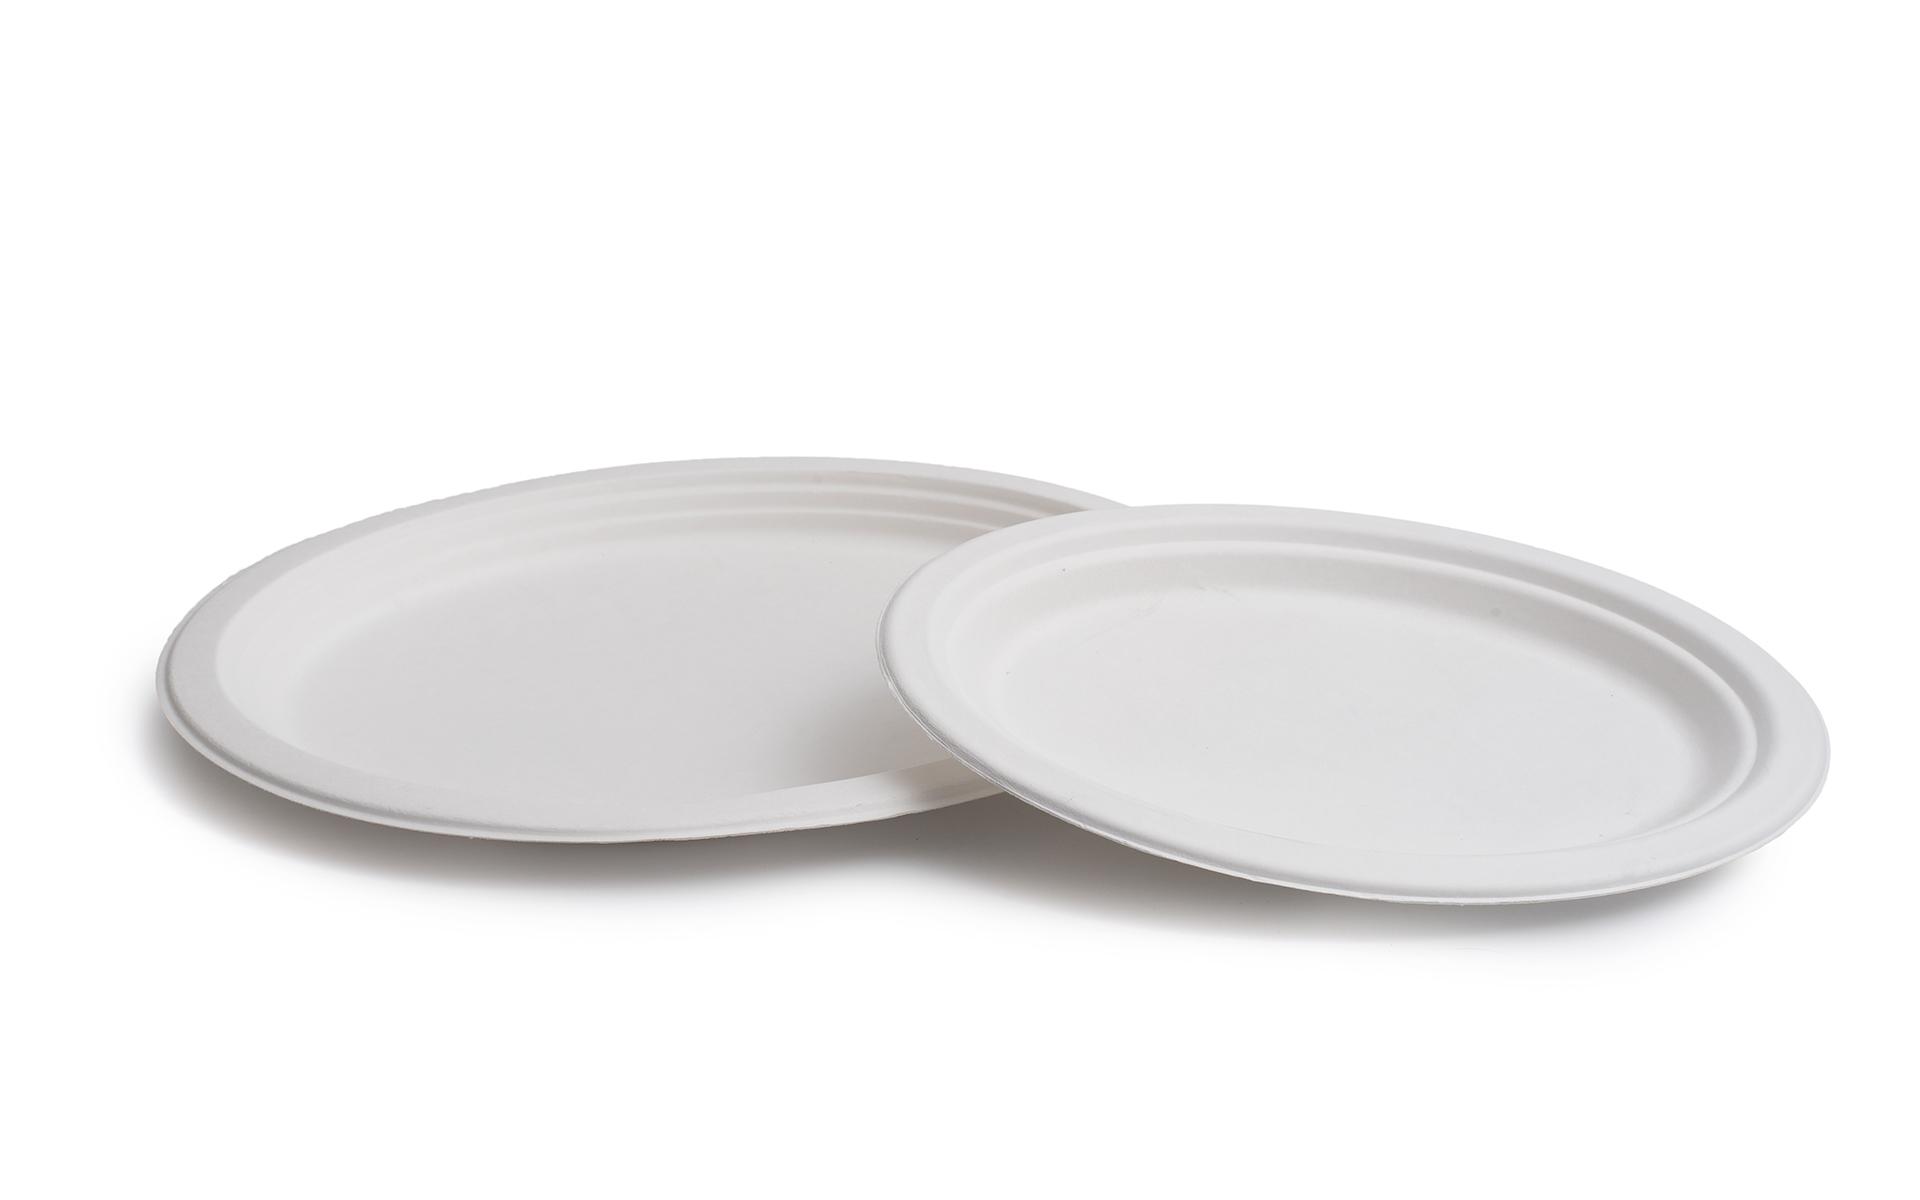 Plato oval Bagazo 26x20cm.